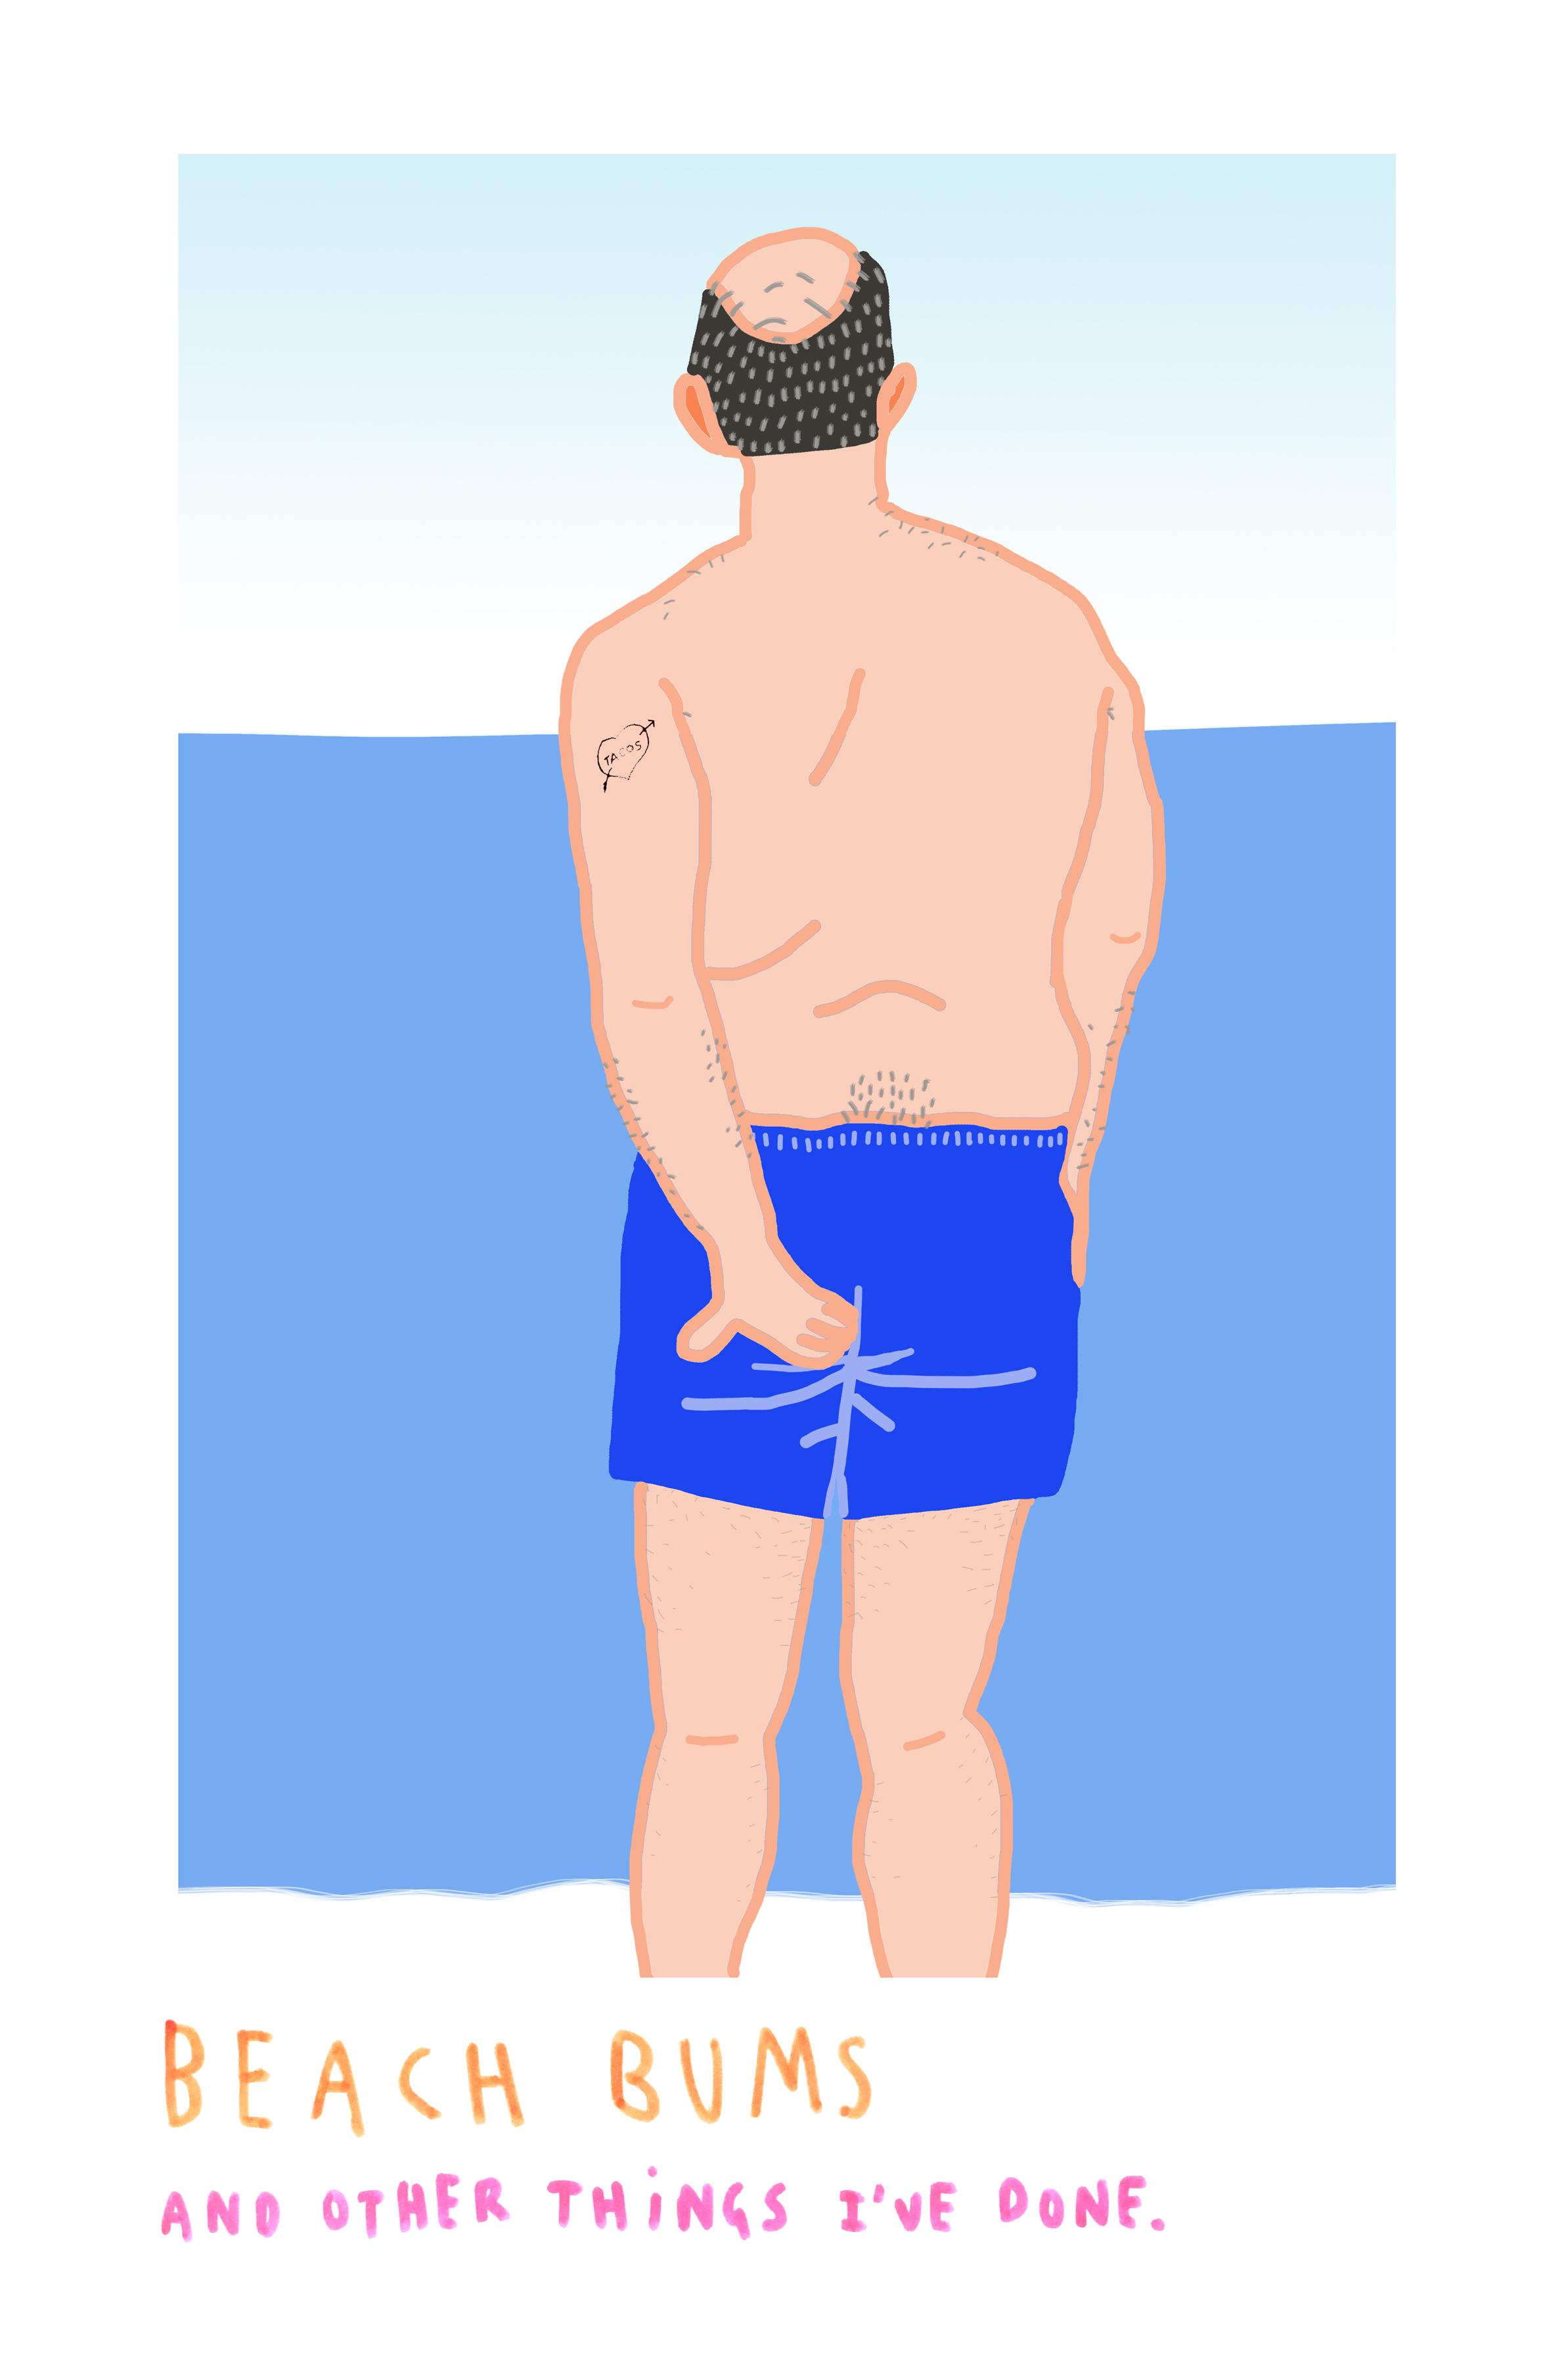 beach bums poster 1.jpg